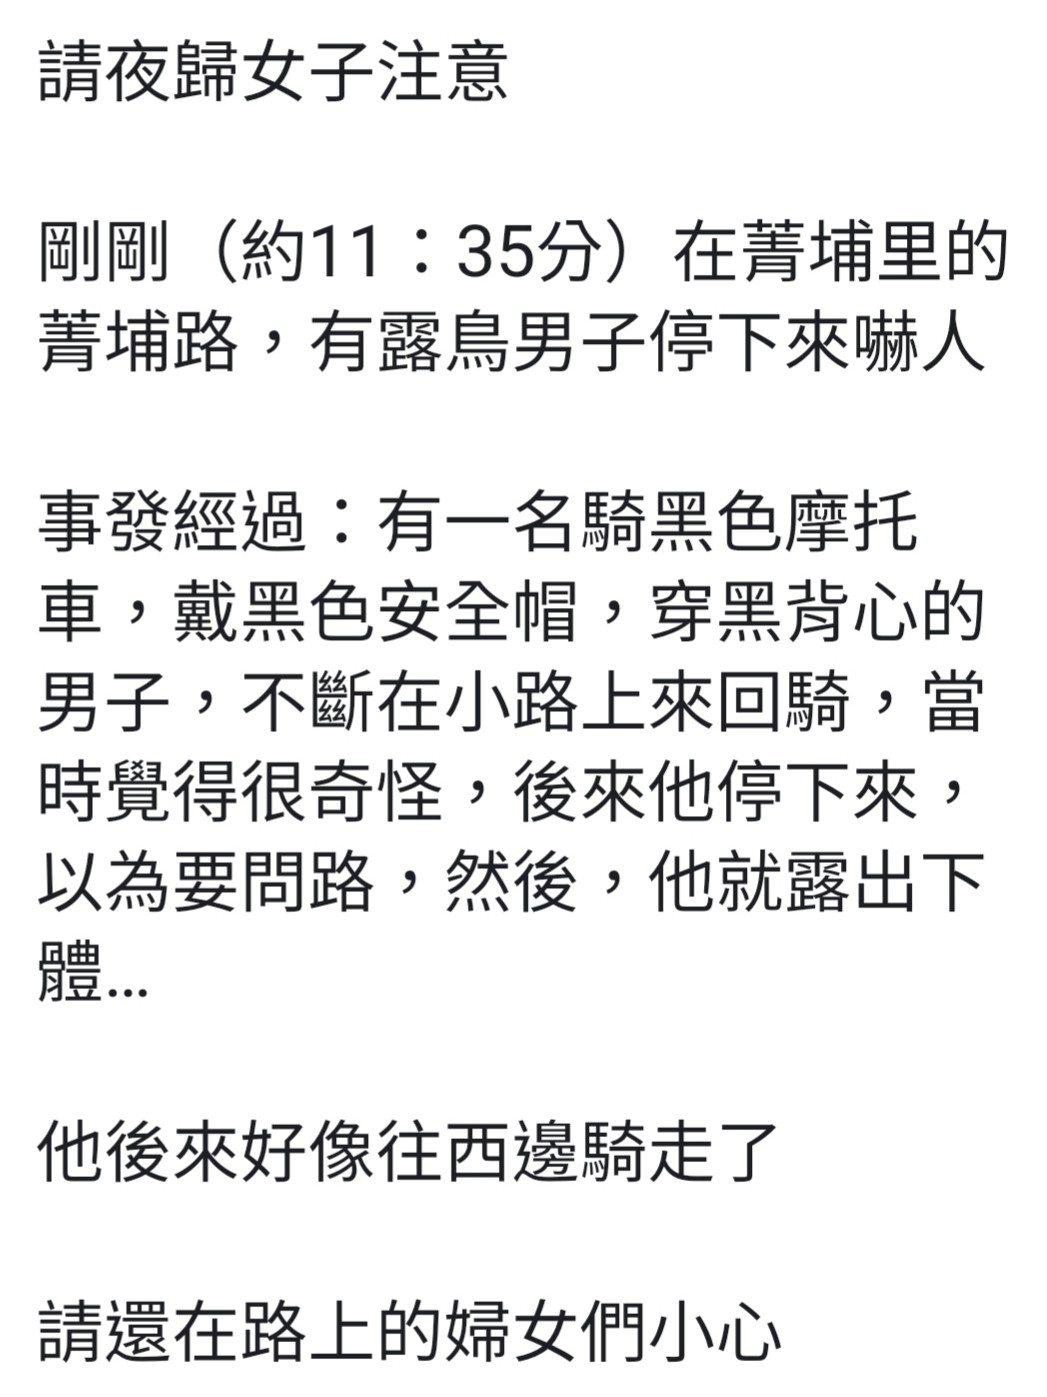 臉書昨天深夜有人PO文,提醒清水區有男子露鳥,警方表示查證中。圖/取自臉書清水小...